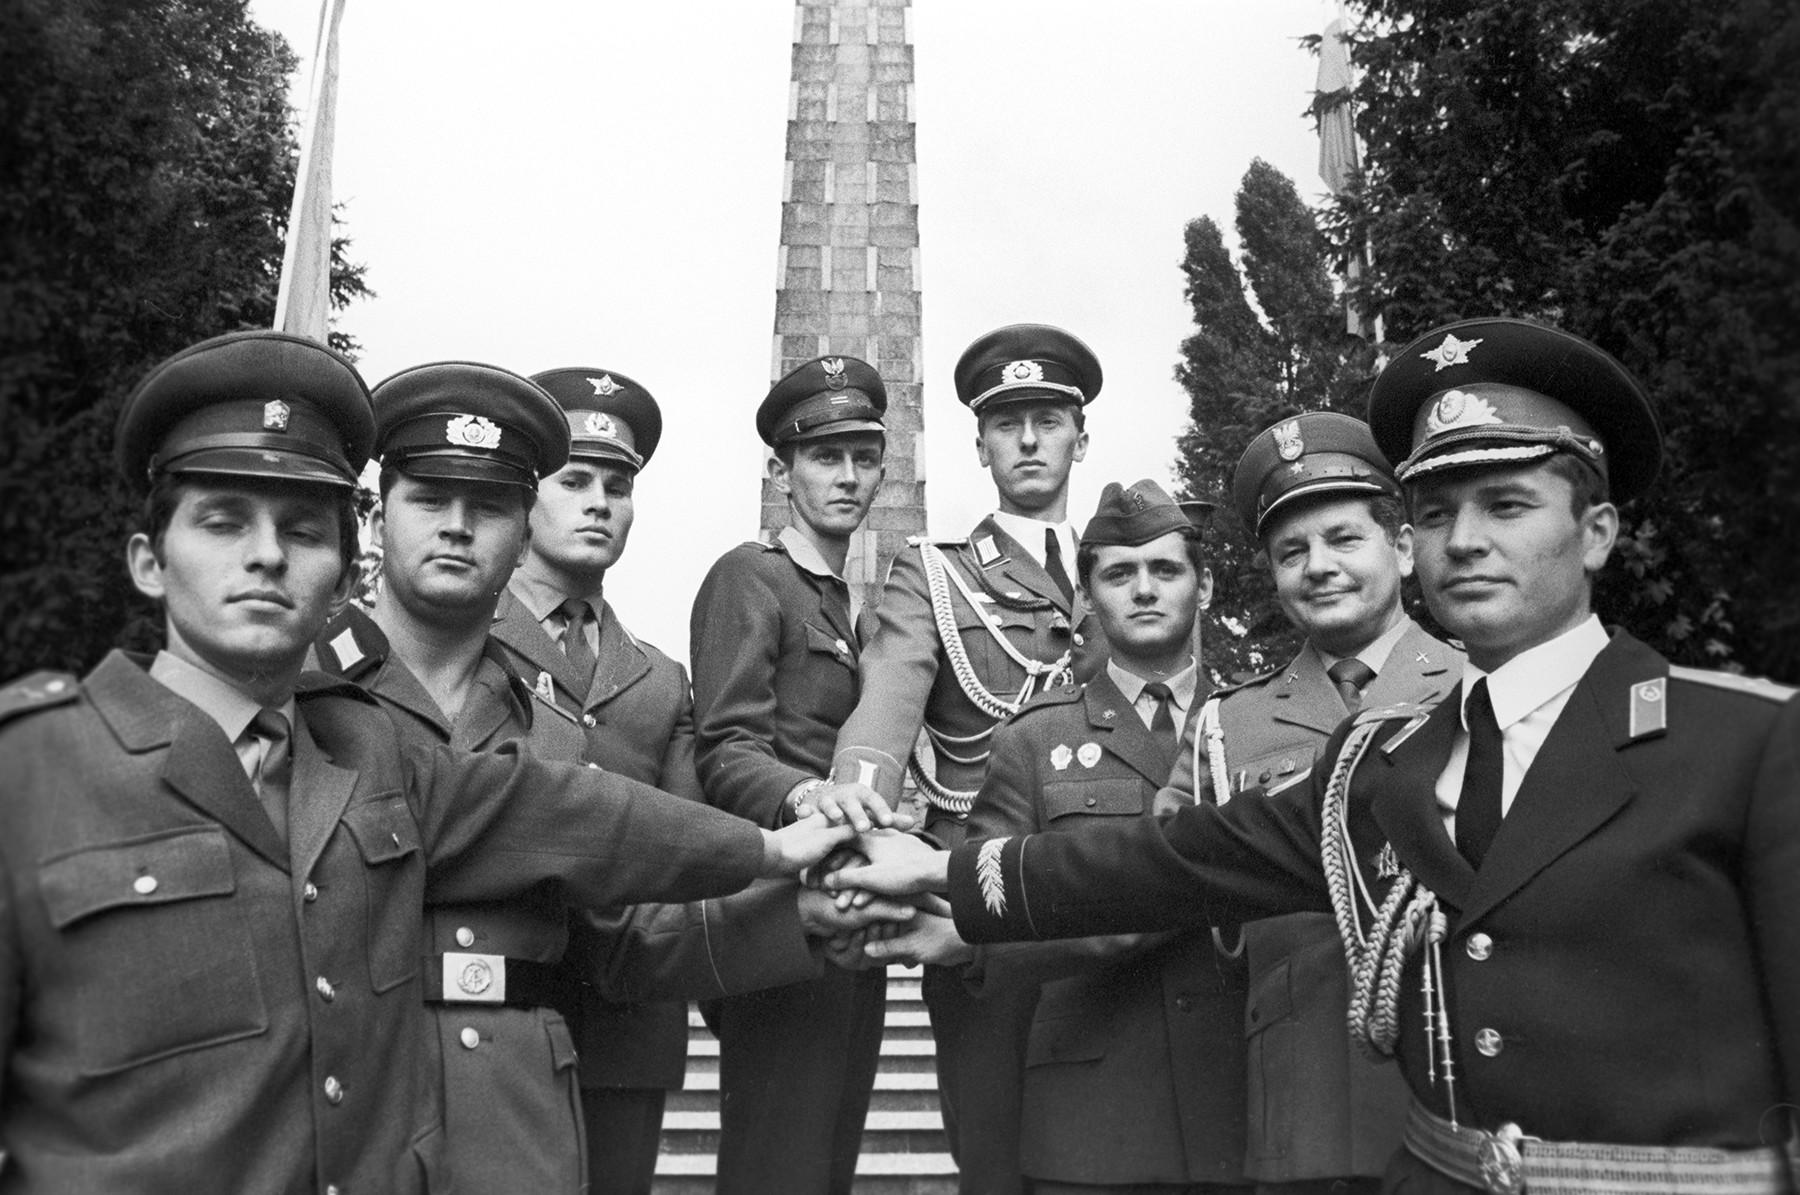 Des militaires des pays socialistes participant aux exercices opérationnels et tactiques Bouclier-79. Mai 1979.